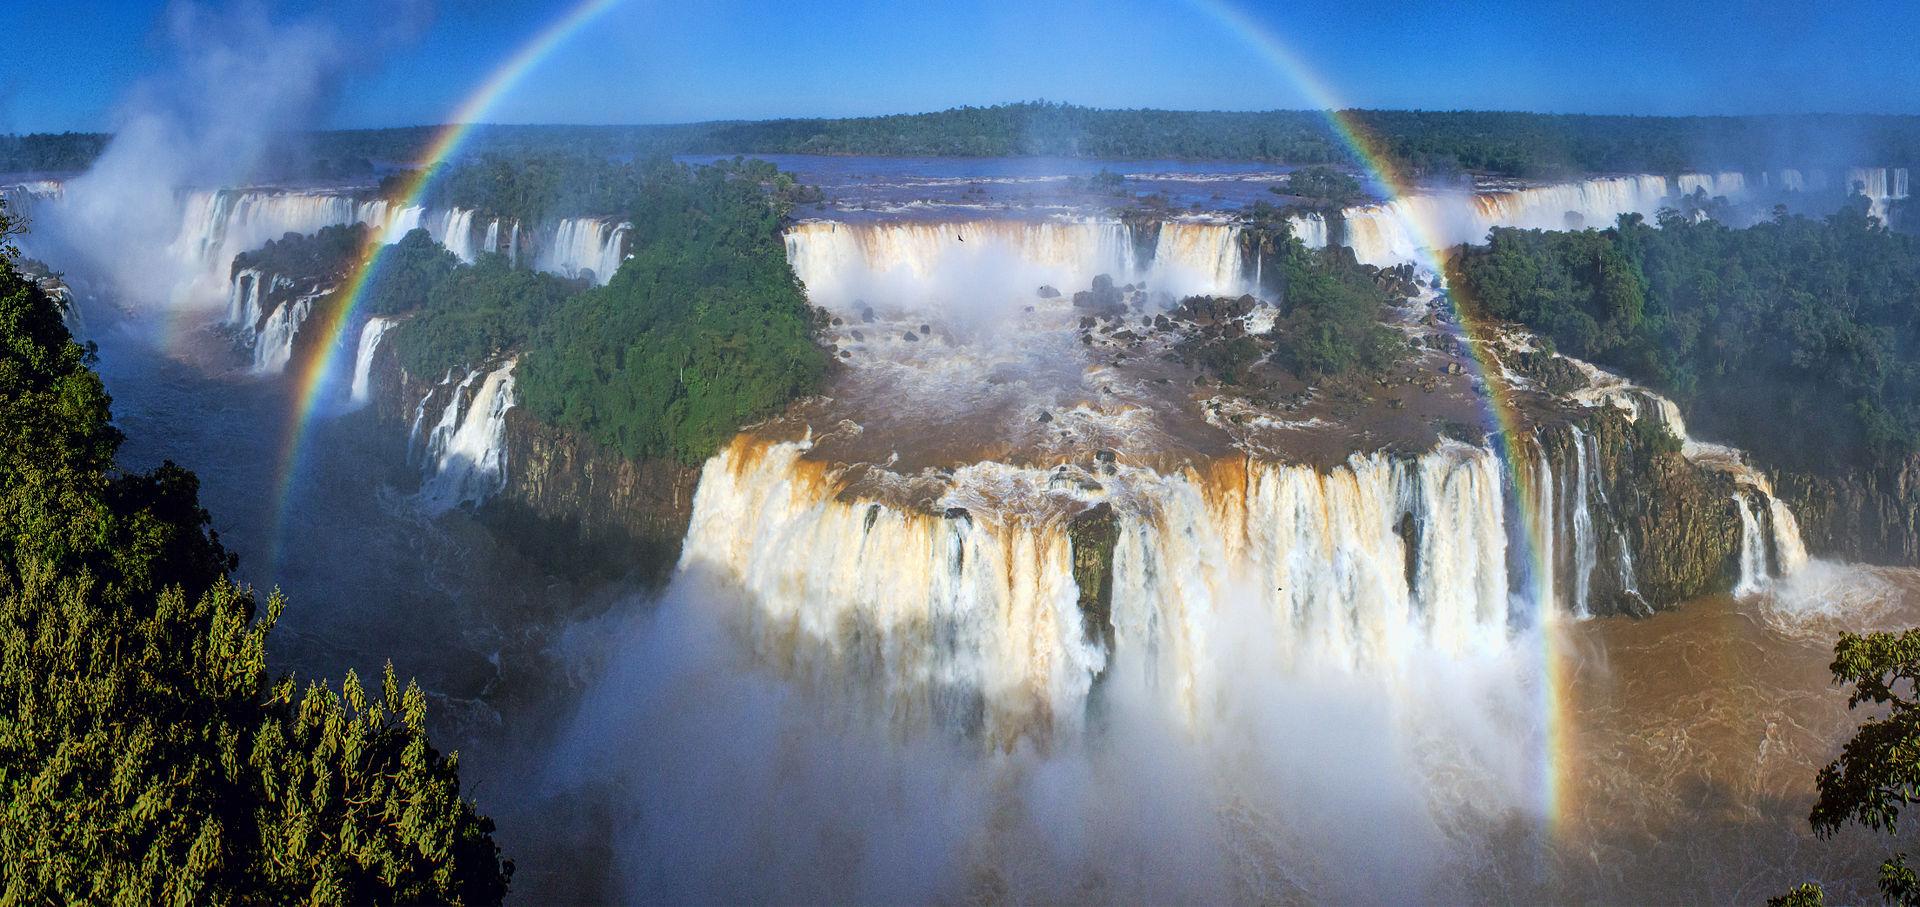 Iguacu Falls Brazil side